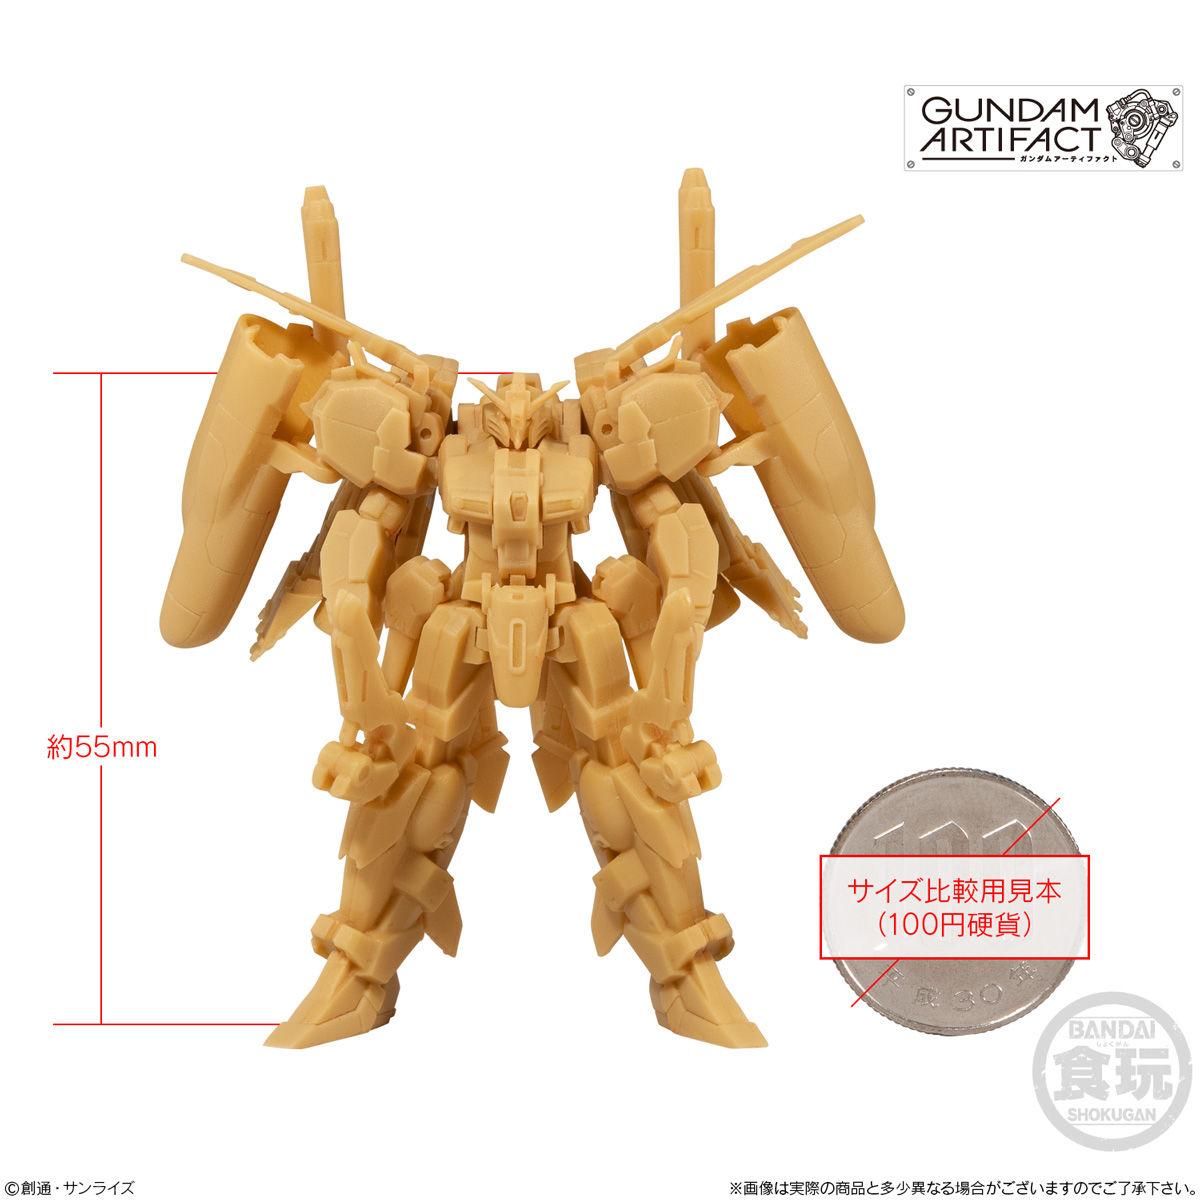 【再販】【食玩】機動戦士ガンダム『ガンダムアーティファクト』プラ製ミニキット 10個入りBOX-008